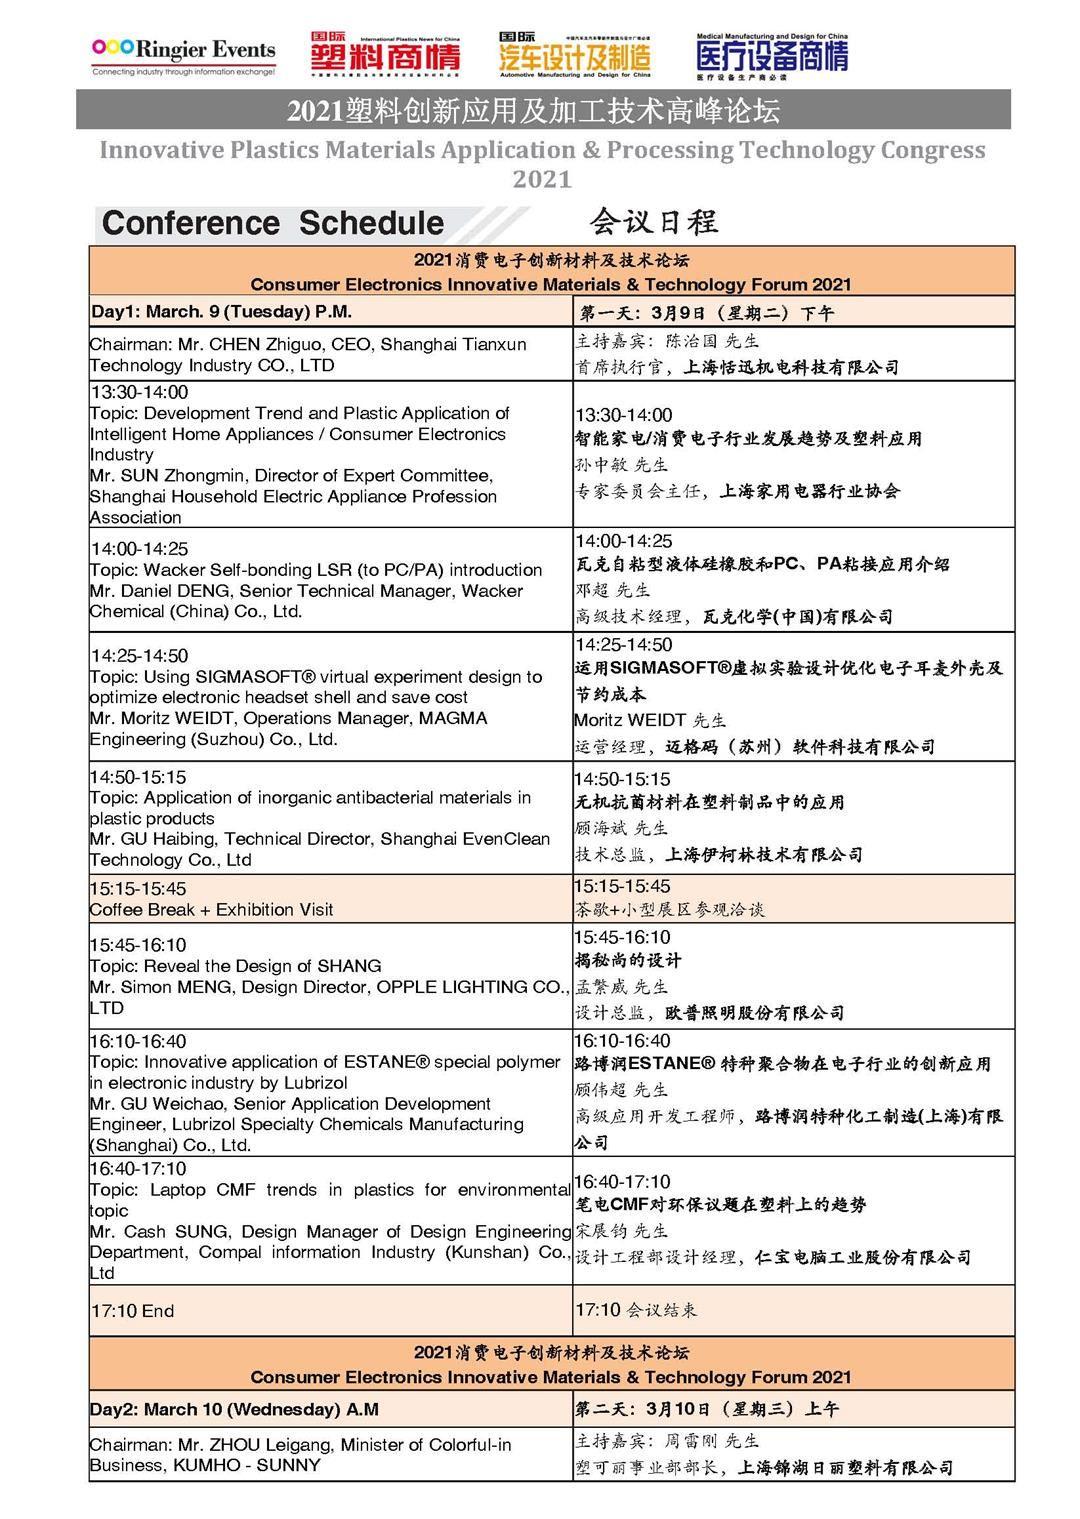 6-会刊议程-新_页面_5.jpg